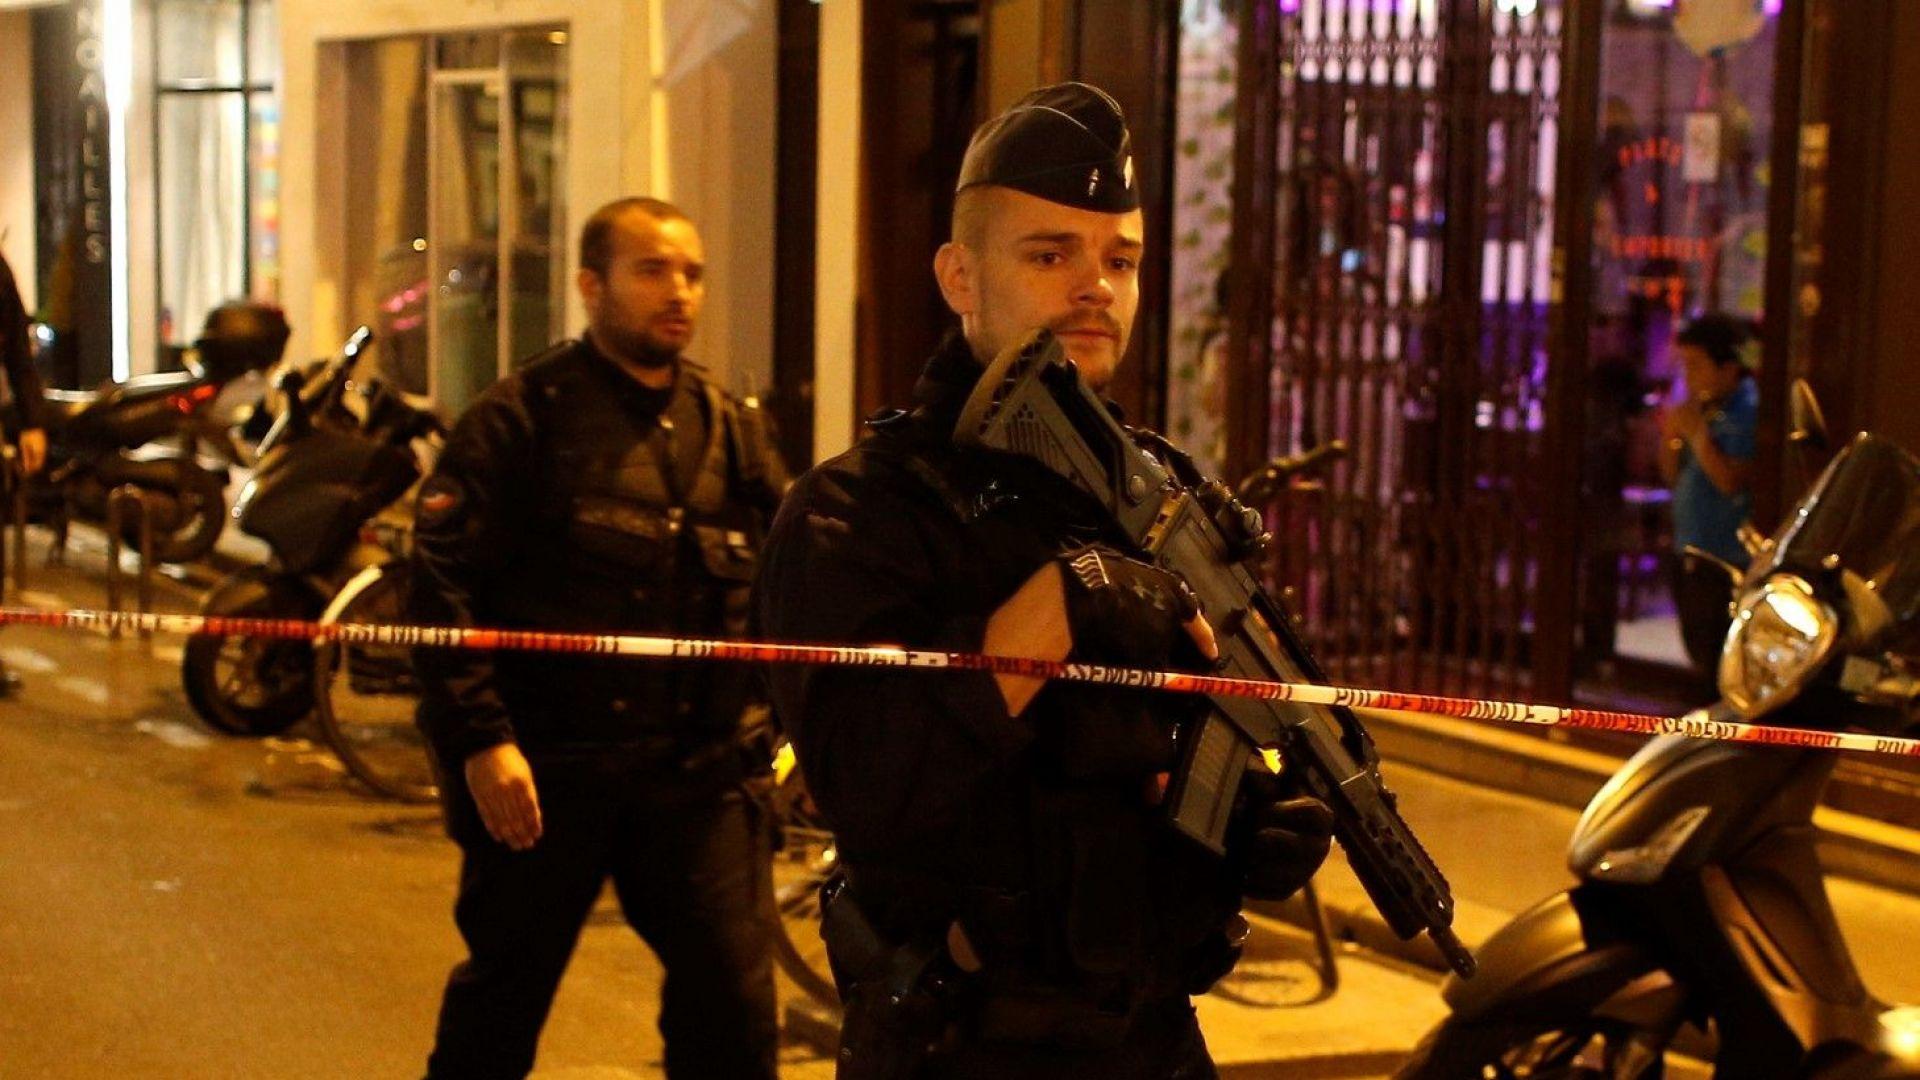 Франция: Правим всичко възможно да защитим хората от терористи